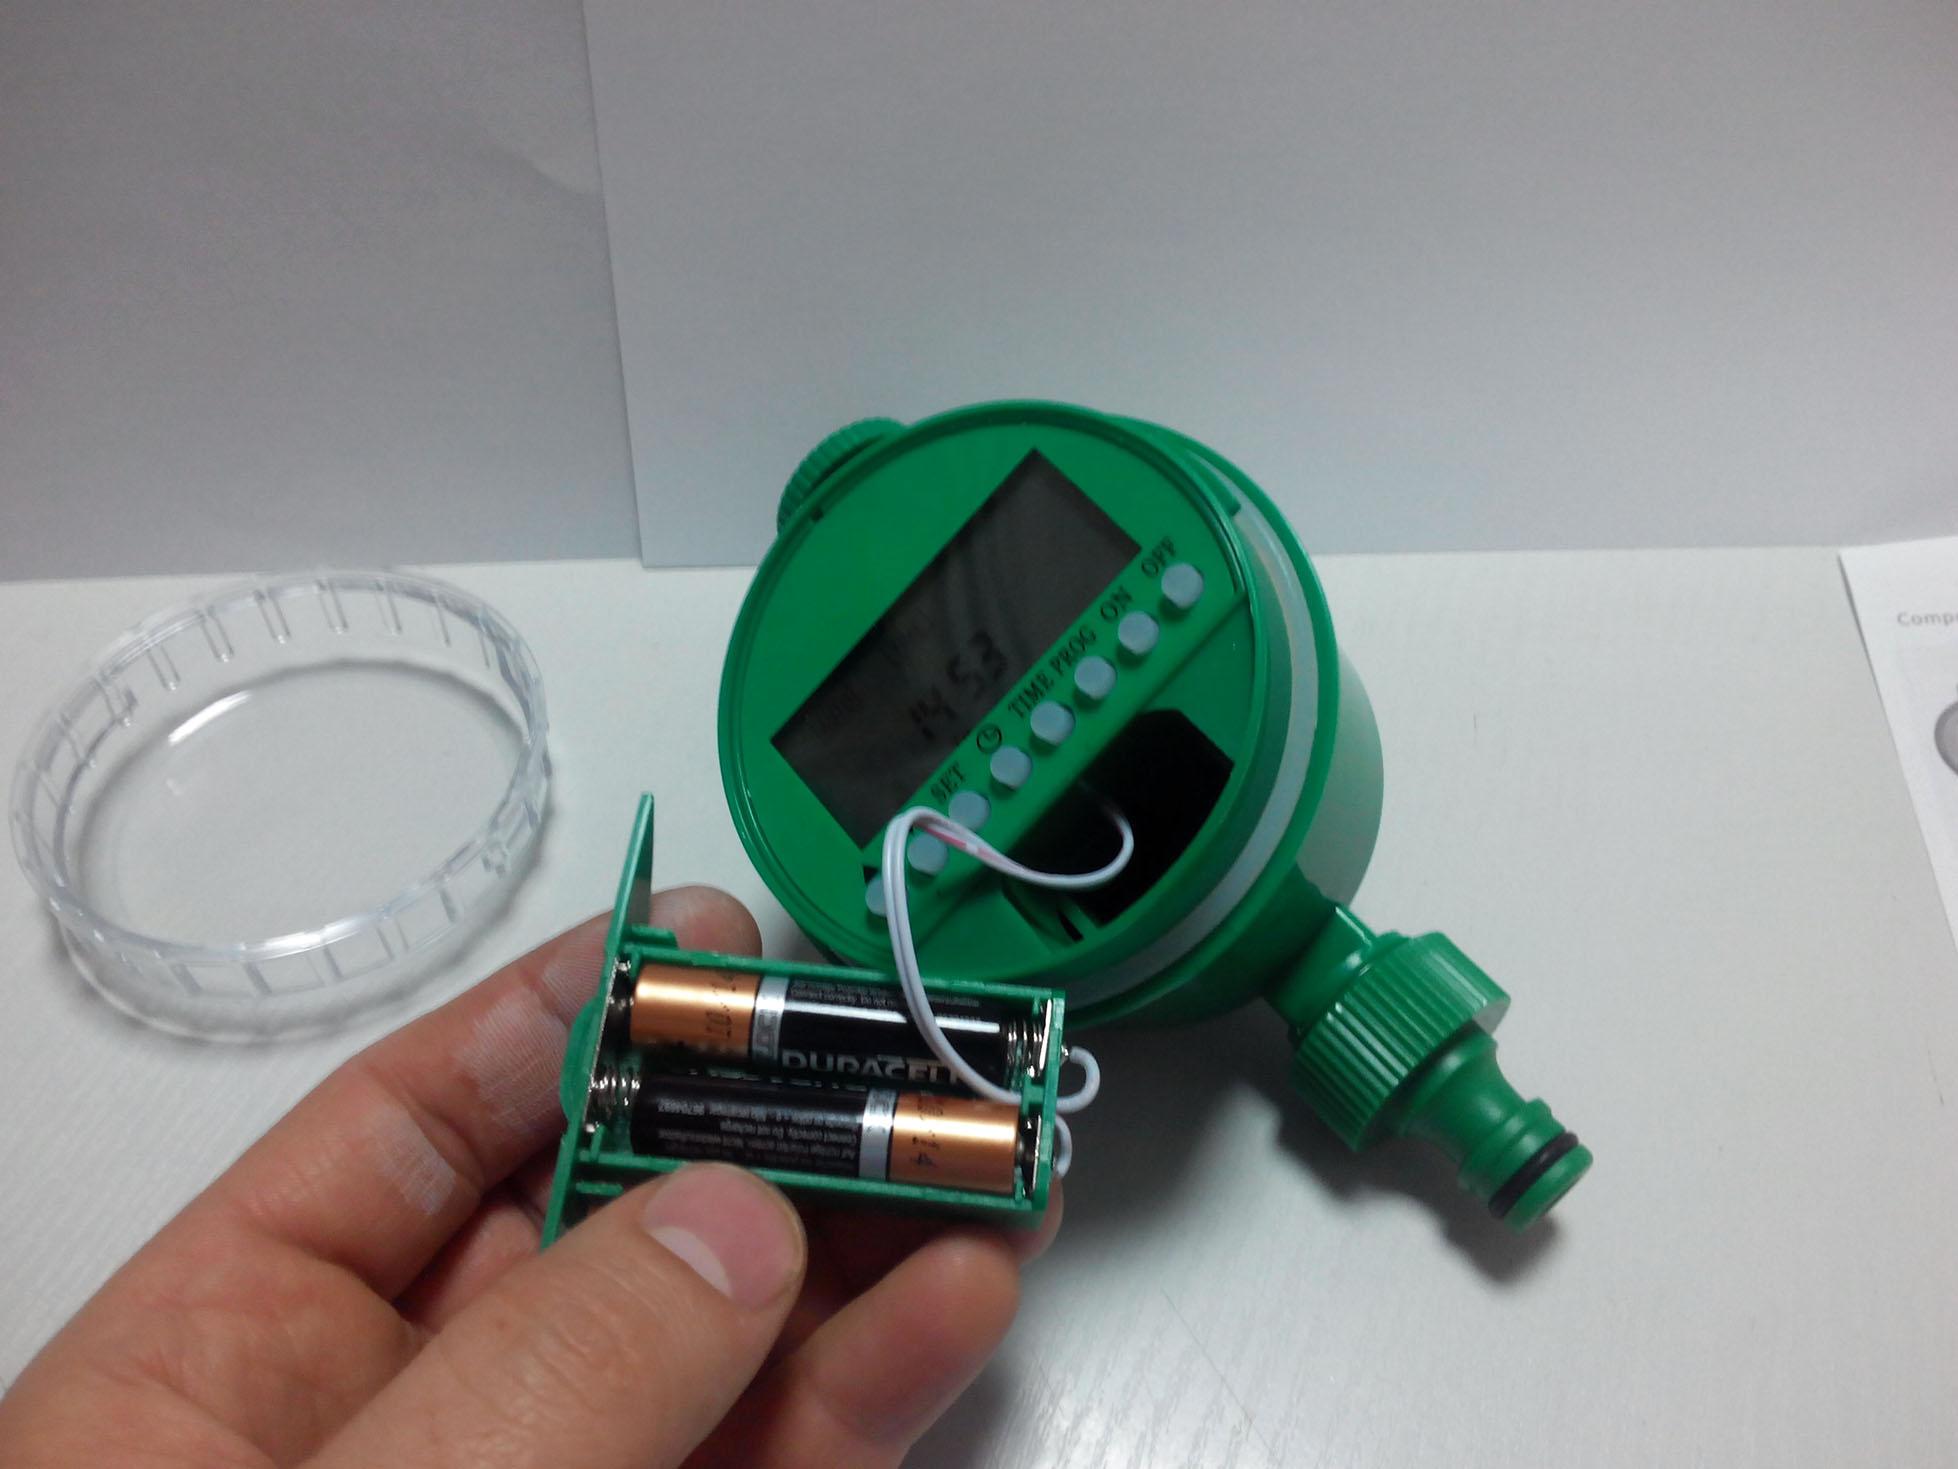 Этот таймер работает от двух пальчиковых батареек